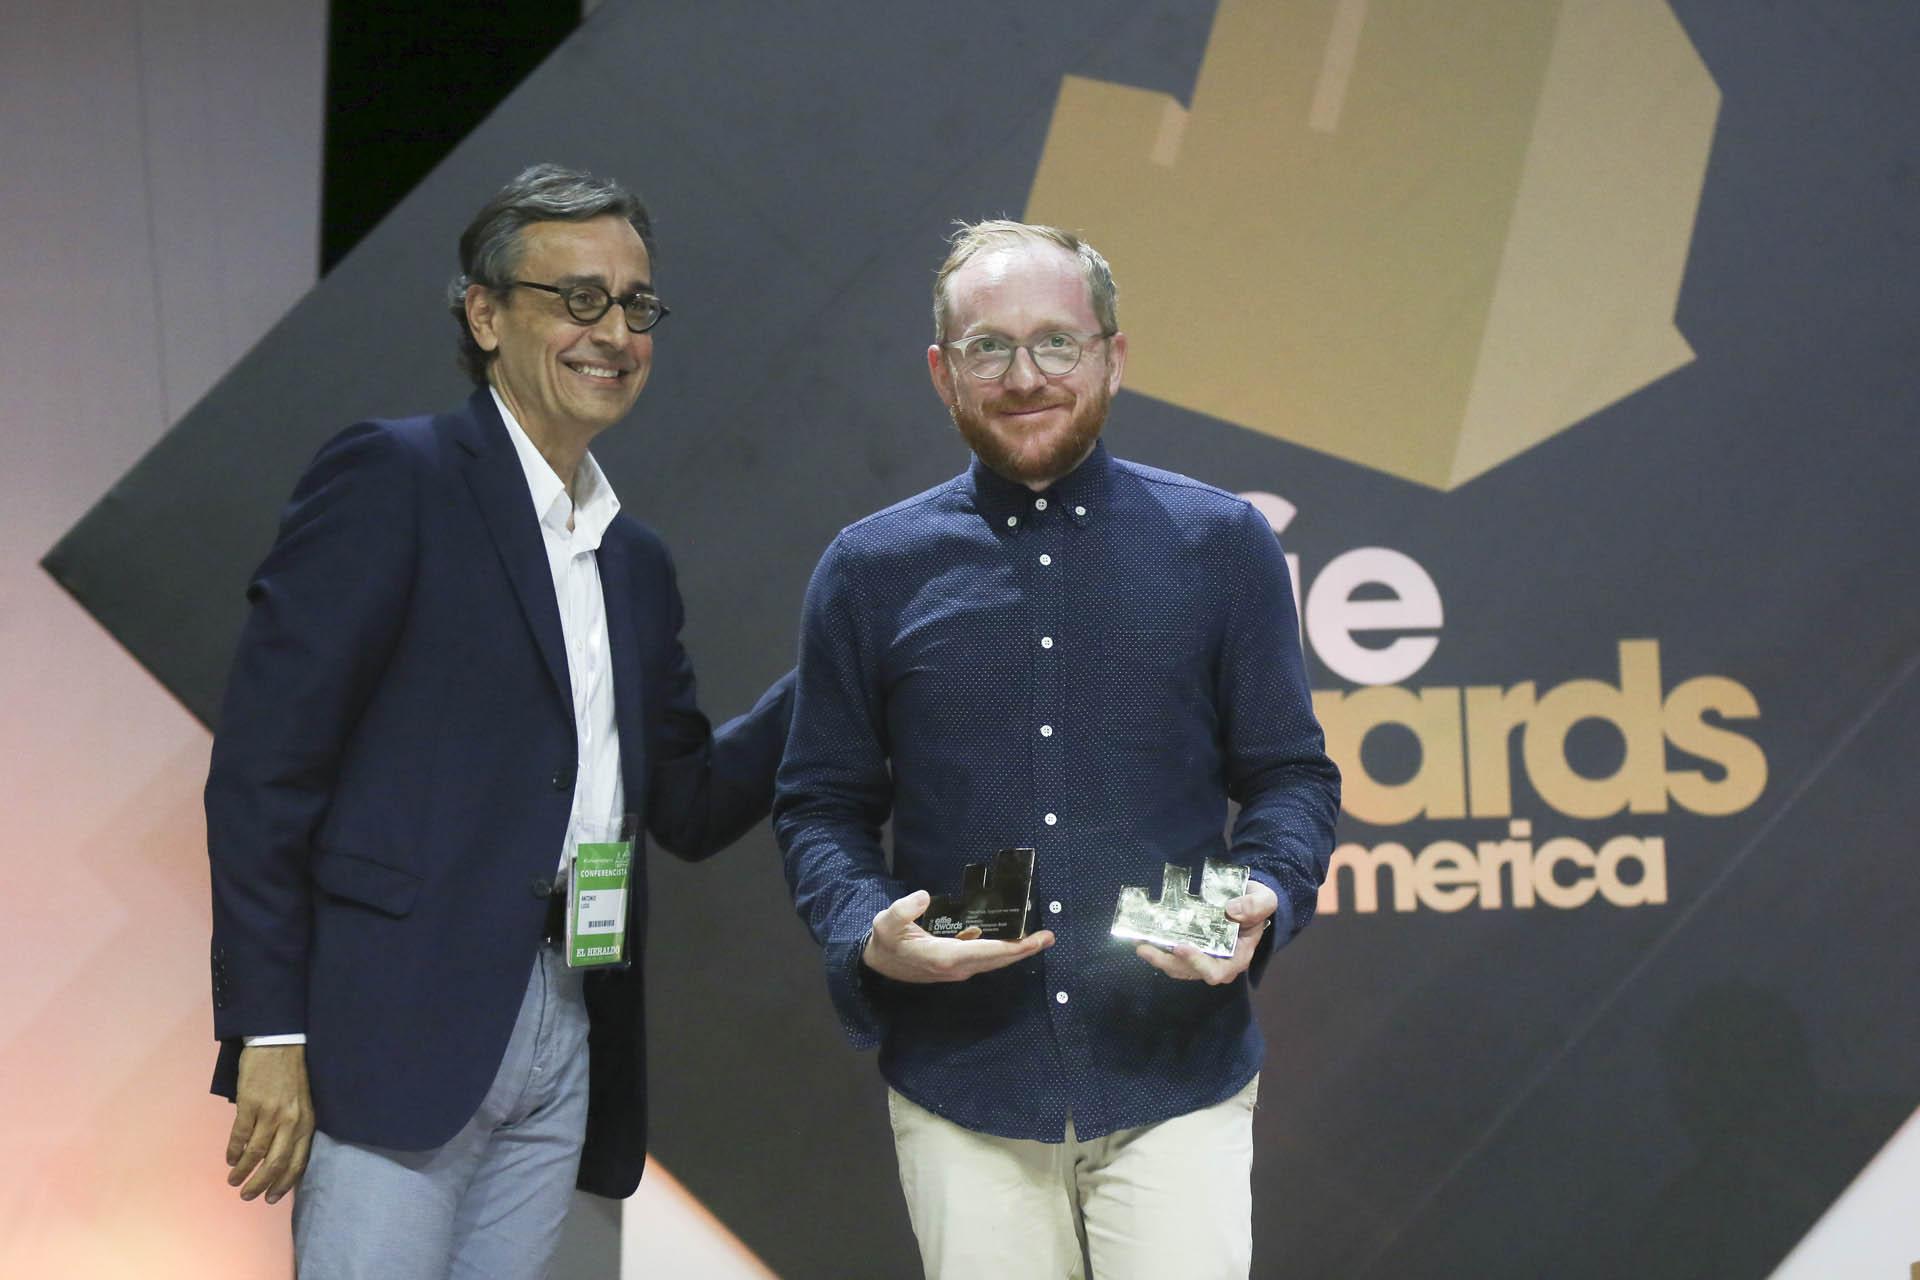 """El Effie de Oro en la categoría """"Alimentos""""fue para Pomarola, Together we make sauce, de J. Walter Thompson Brasil para Cargill, Brasil"""